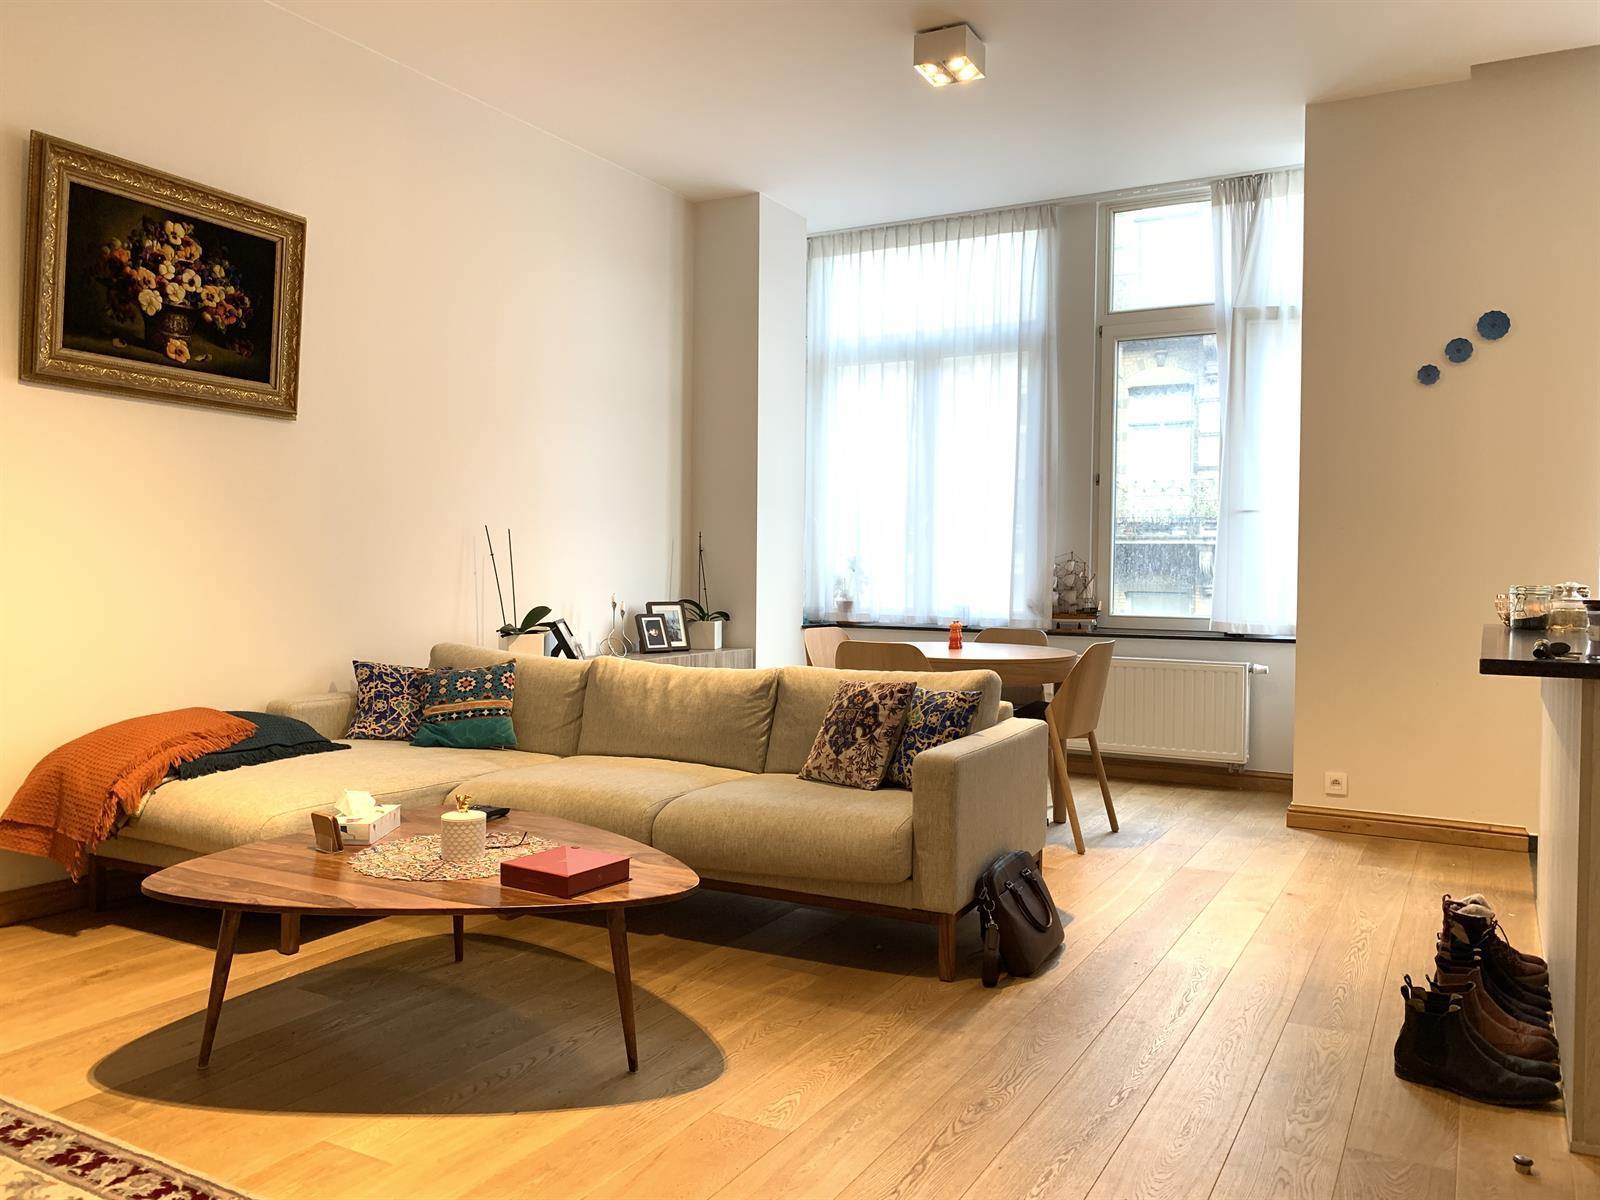 Appartement exceptionnel - Bruxelles - #4094385-38